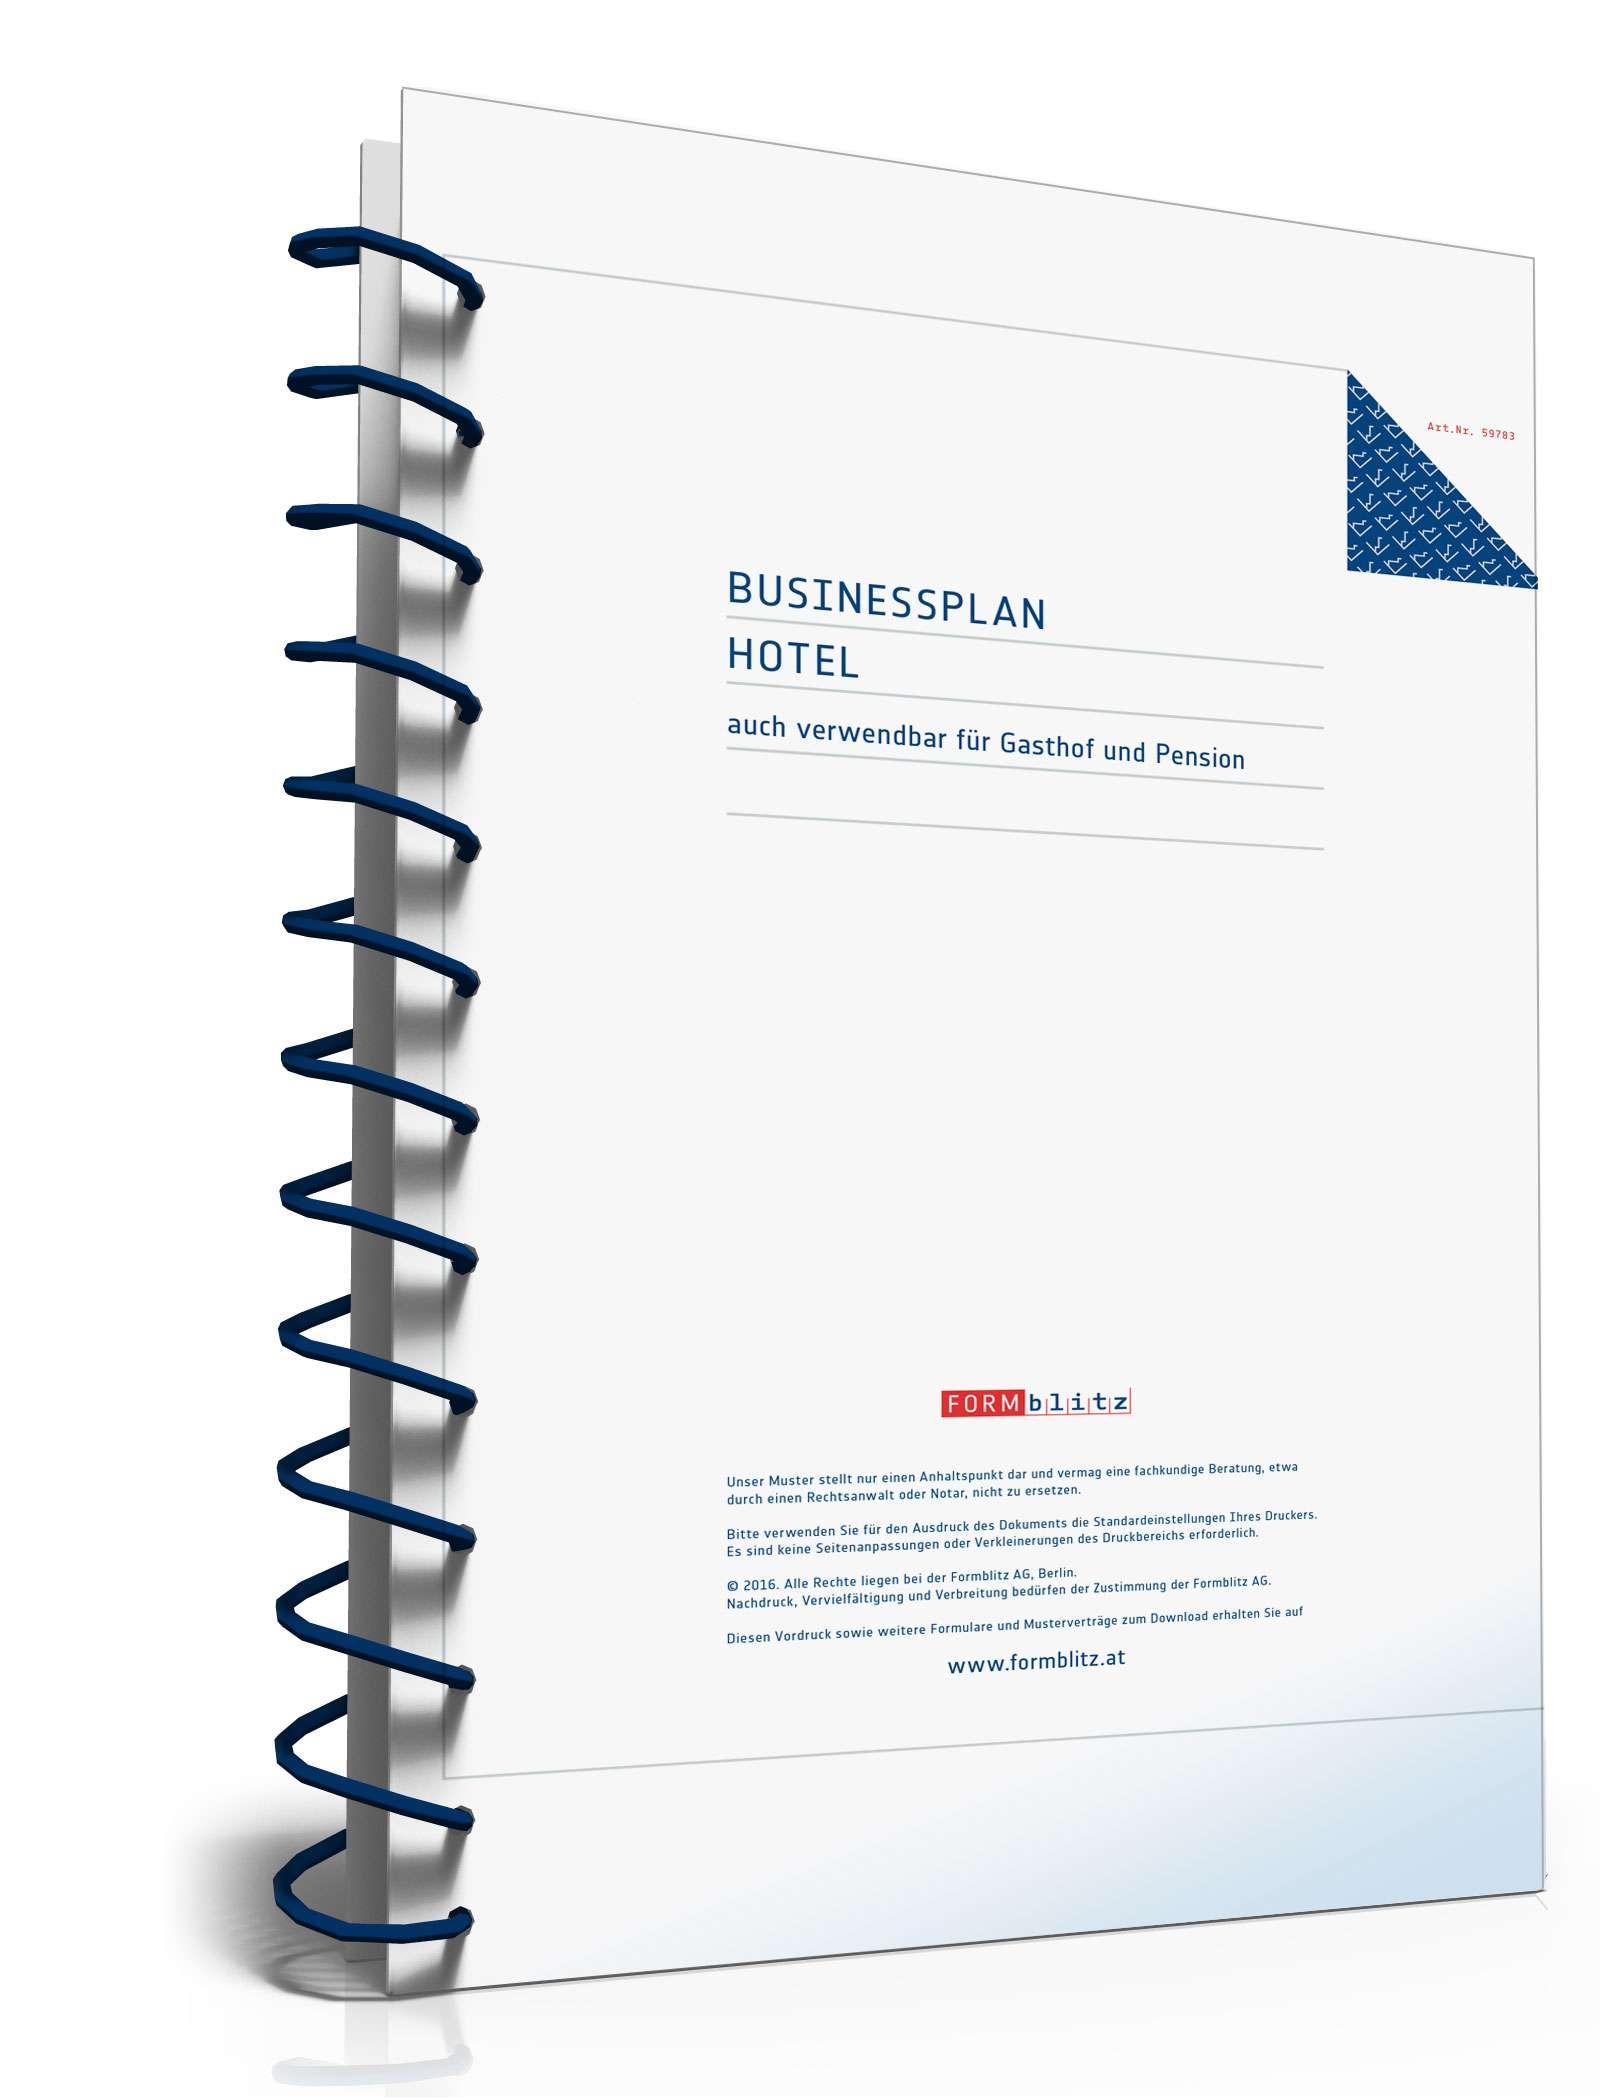 Businessplan für ein Hotel Dokument zum Download